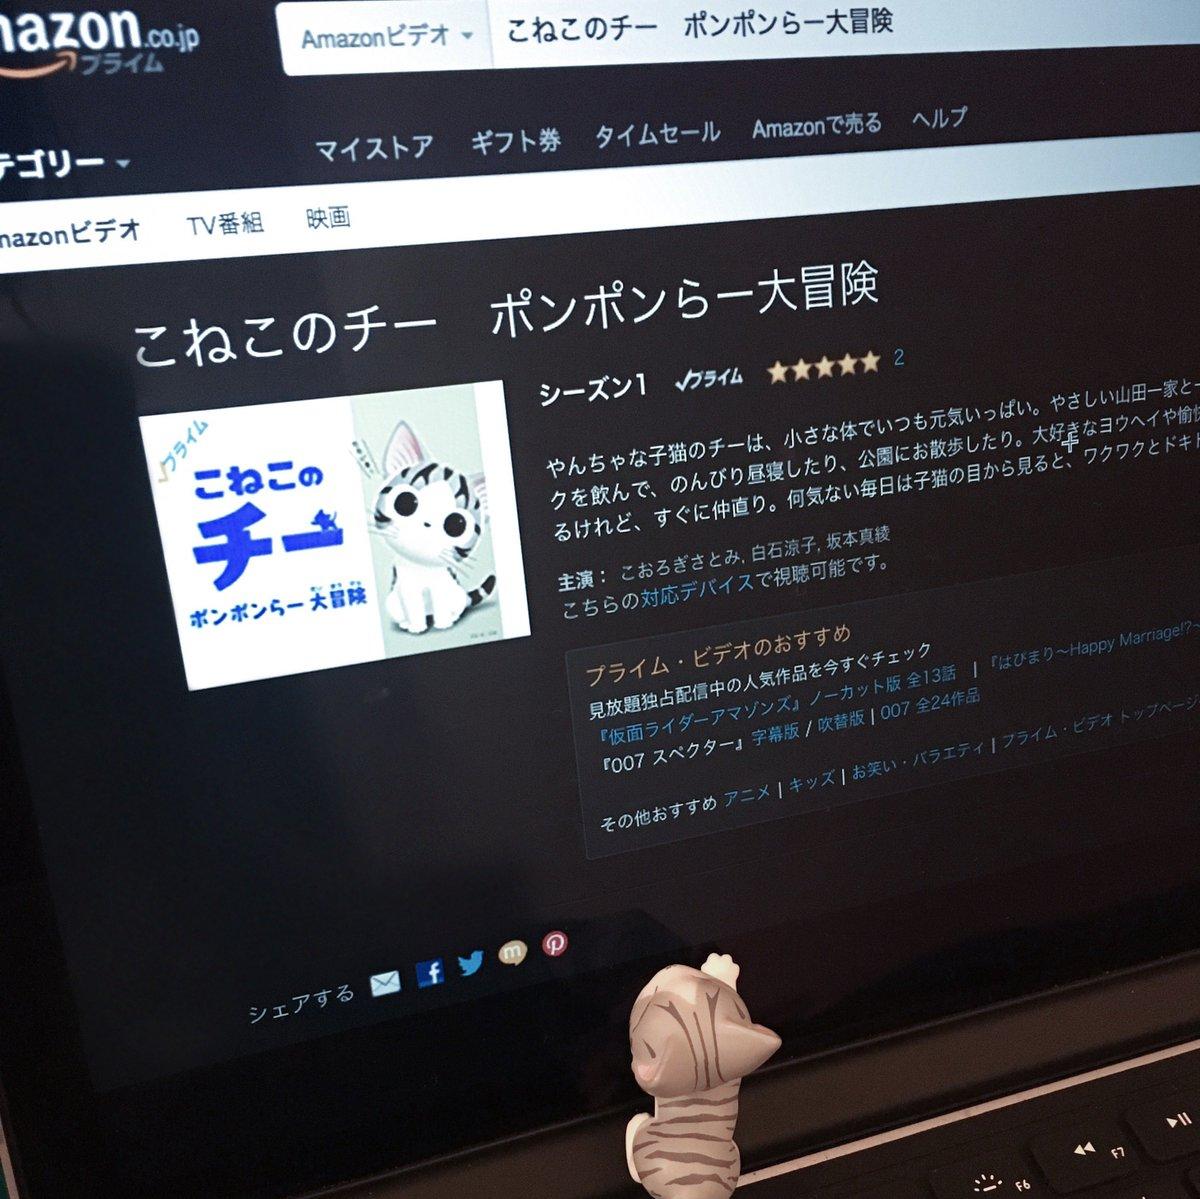 チーのアニメがアマゾンビデオれも みえうよー!  #こねこのチー #チーズスイートホーム #アニメ #Amazonプライ